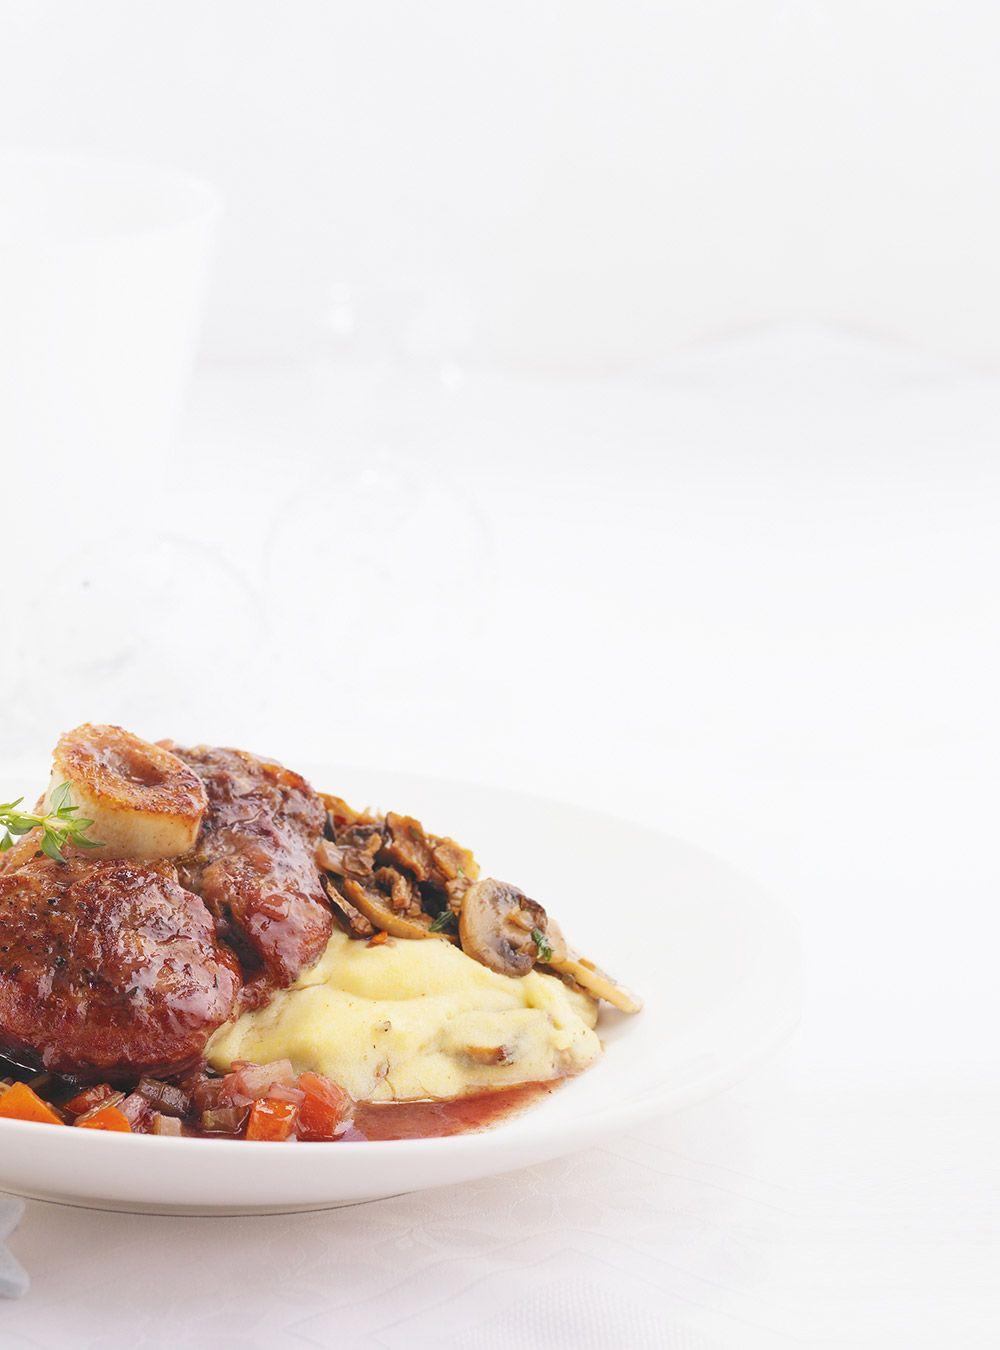 Recette de Ricardo : jarrets de veau braisés dans le porto. Recette au veau avec sauce miel-porto-thym. Déglacer avec le porto. Ajouter la viande et le thym.